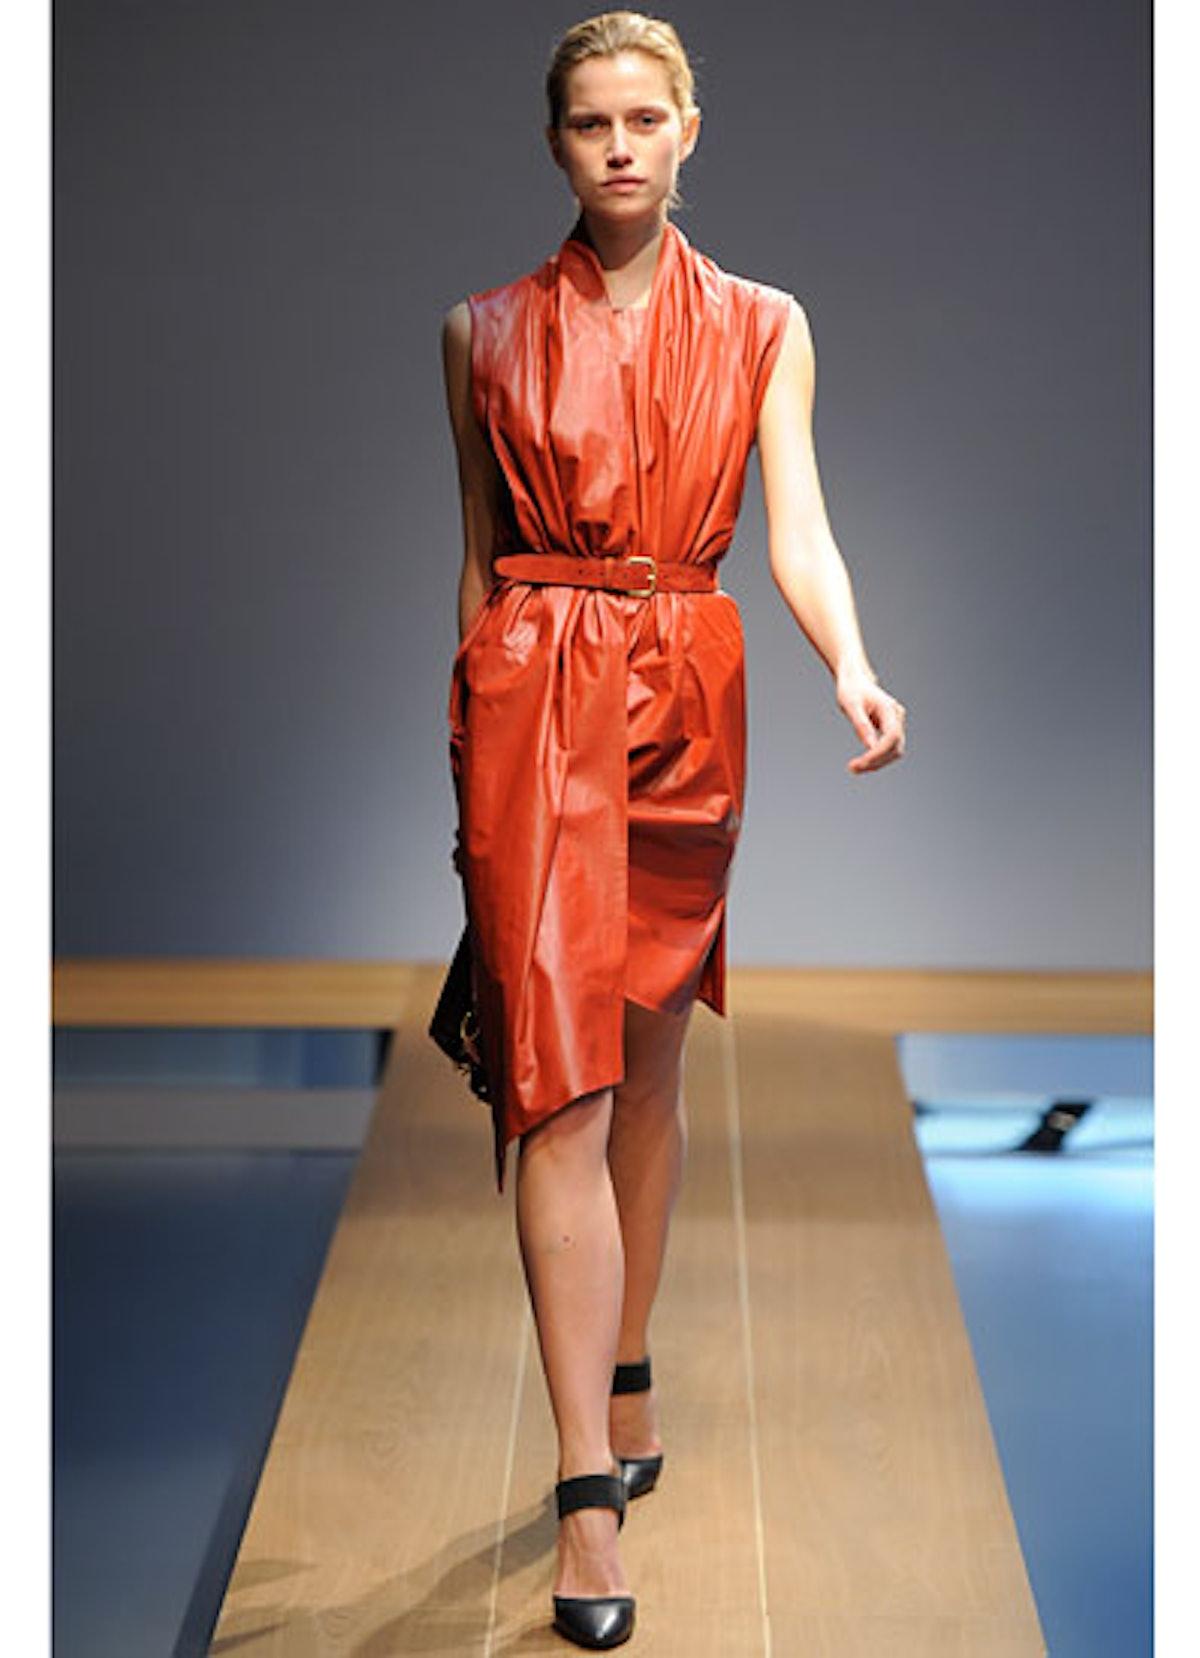 fass-fall-2012-fashion-roundup-12-v.jpg